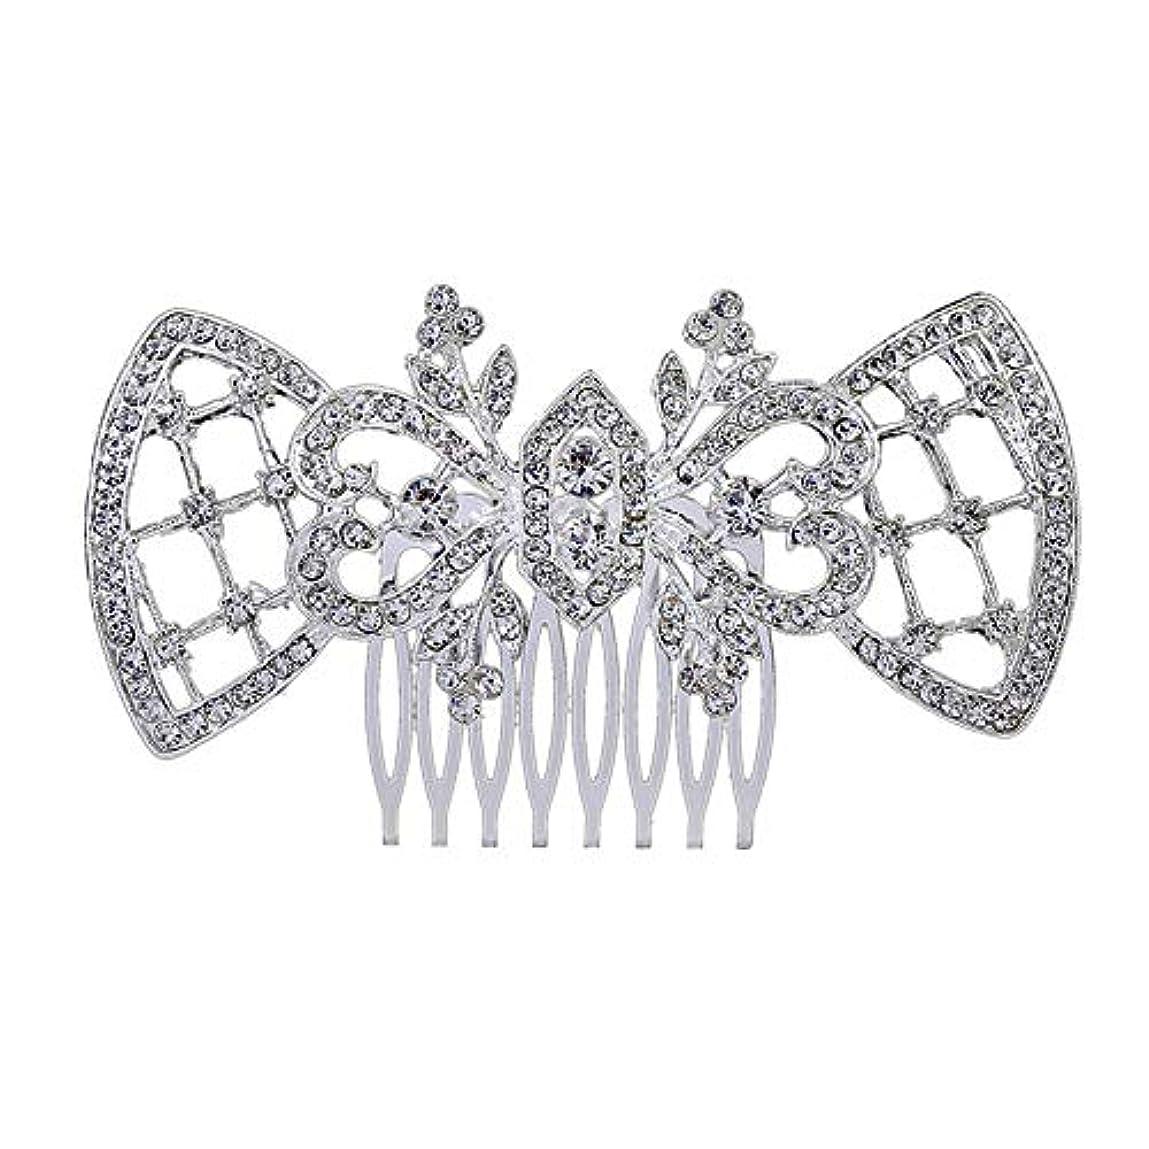 白雪姫イースタープランテーション髪の櫛、櫛、ブライダル髪、髪の櫛、ハート形、ラインストーンの櫛、合金の帽子、結婚式のアクセサリー